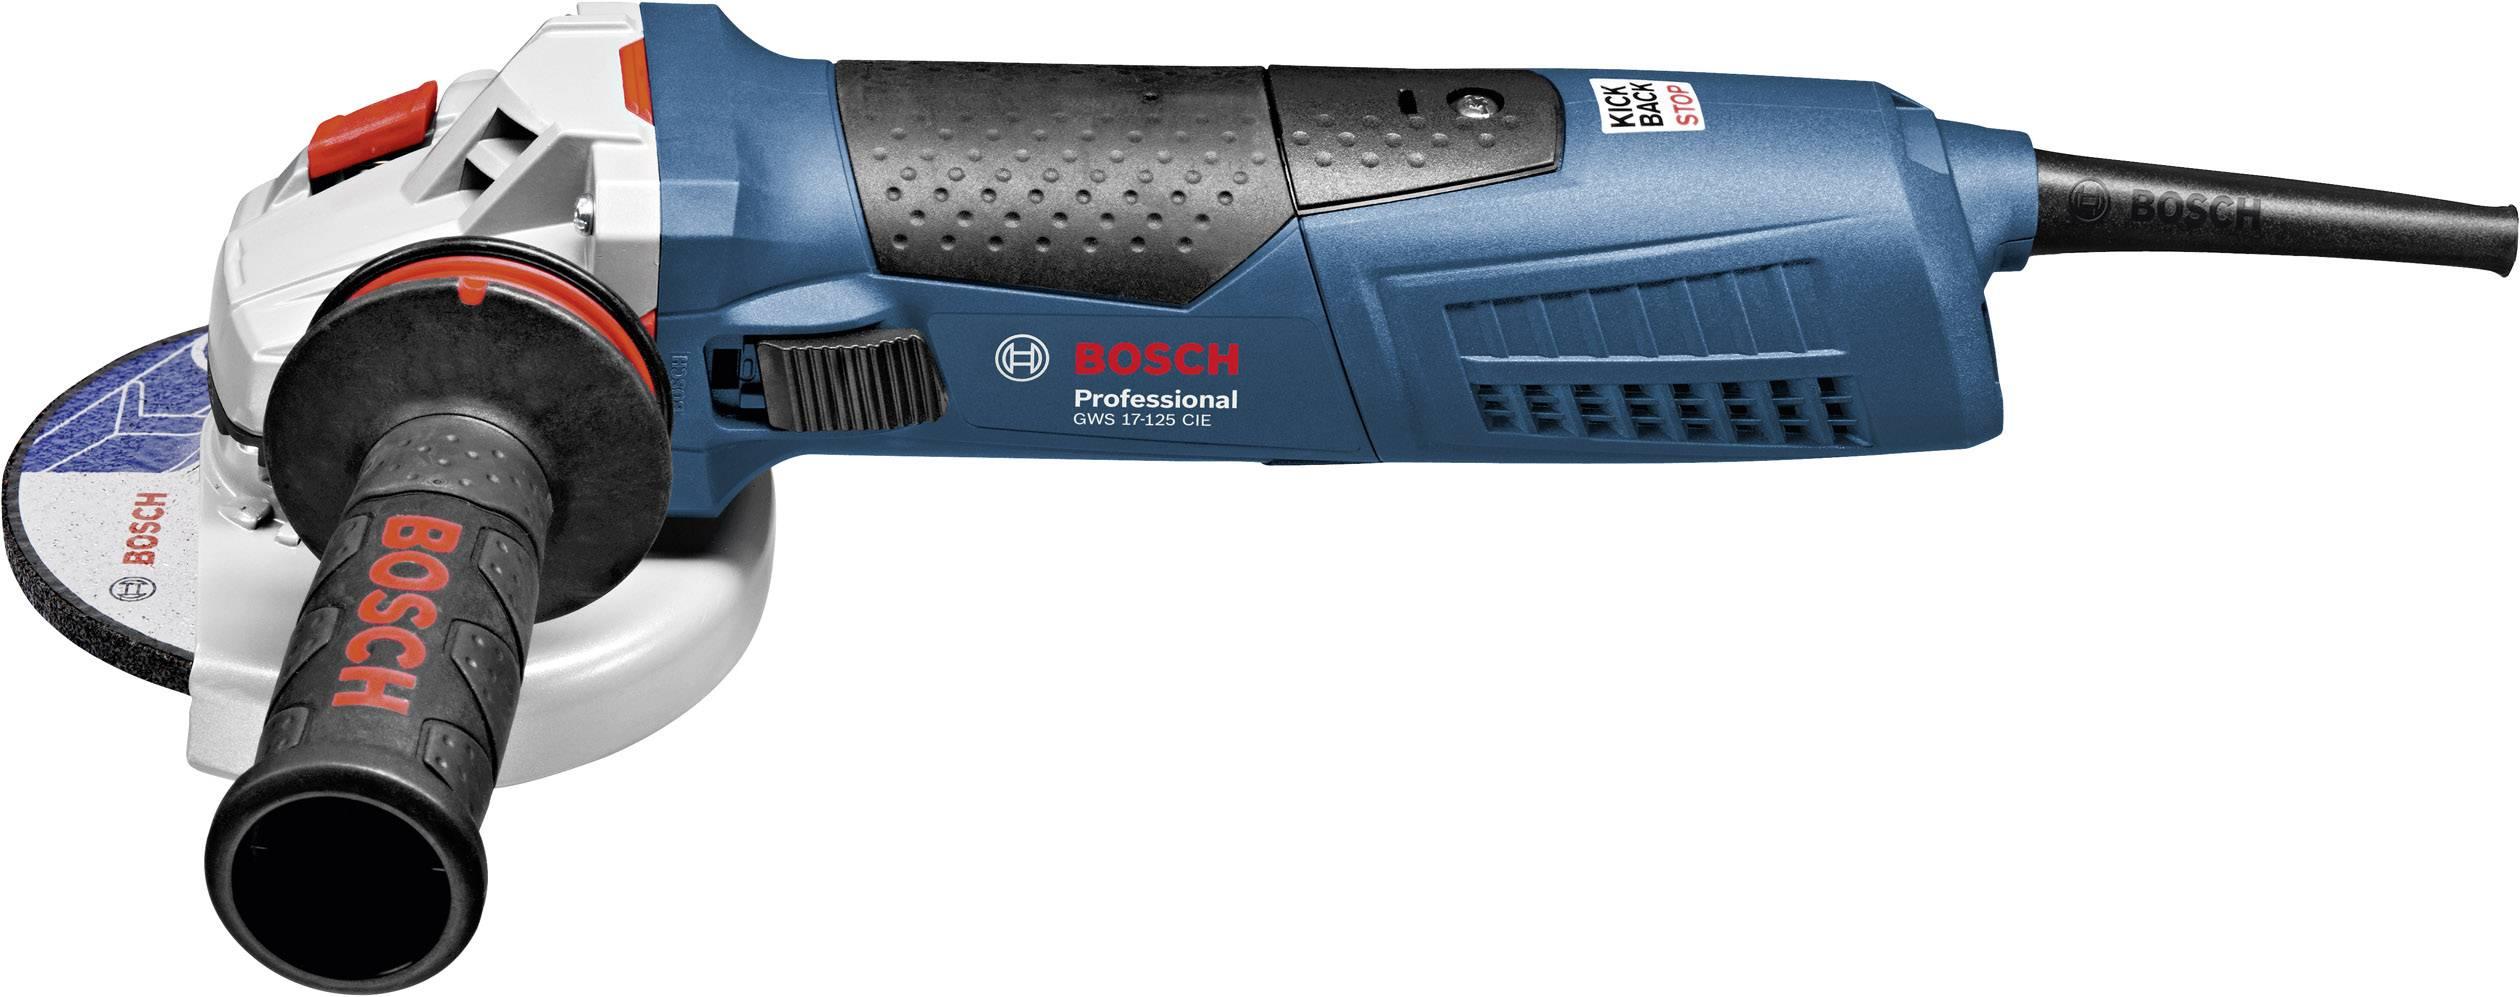 Úhlová bruska Bosch Professional GWS 17-125 CIE 060179H003, 125 mm, kufřík, 1700 W